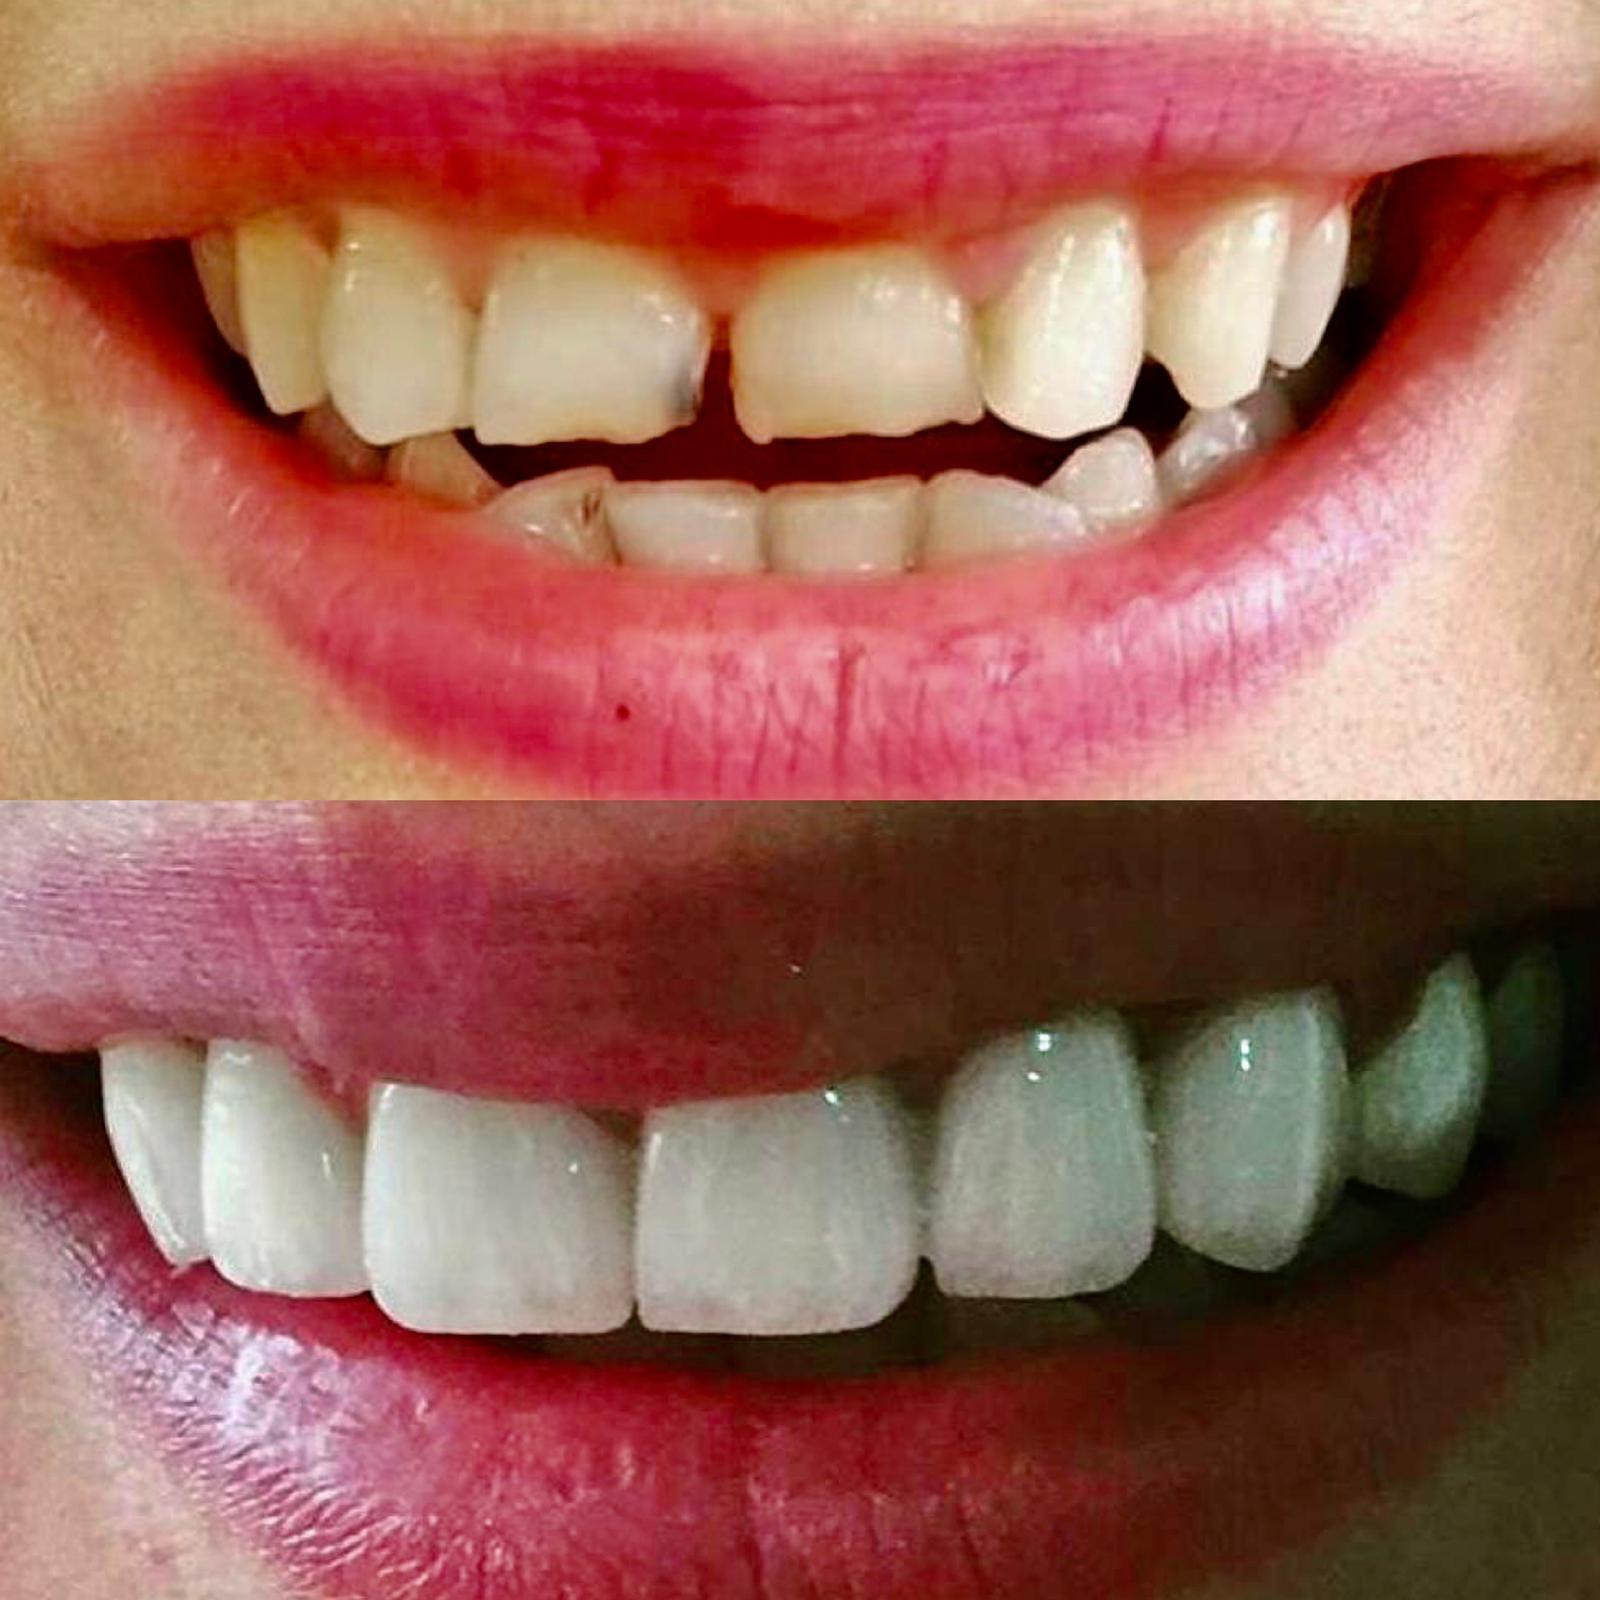 beyaz ışık tedavisi porselen diş